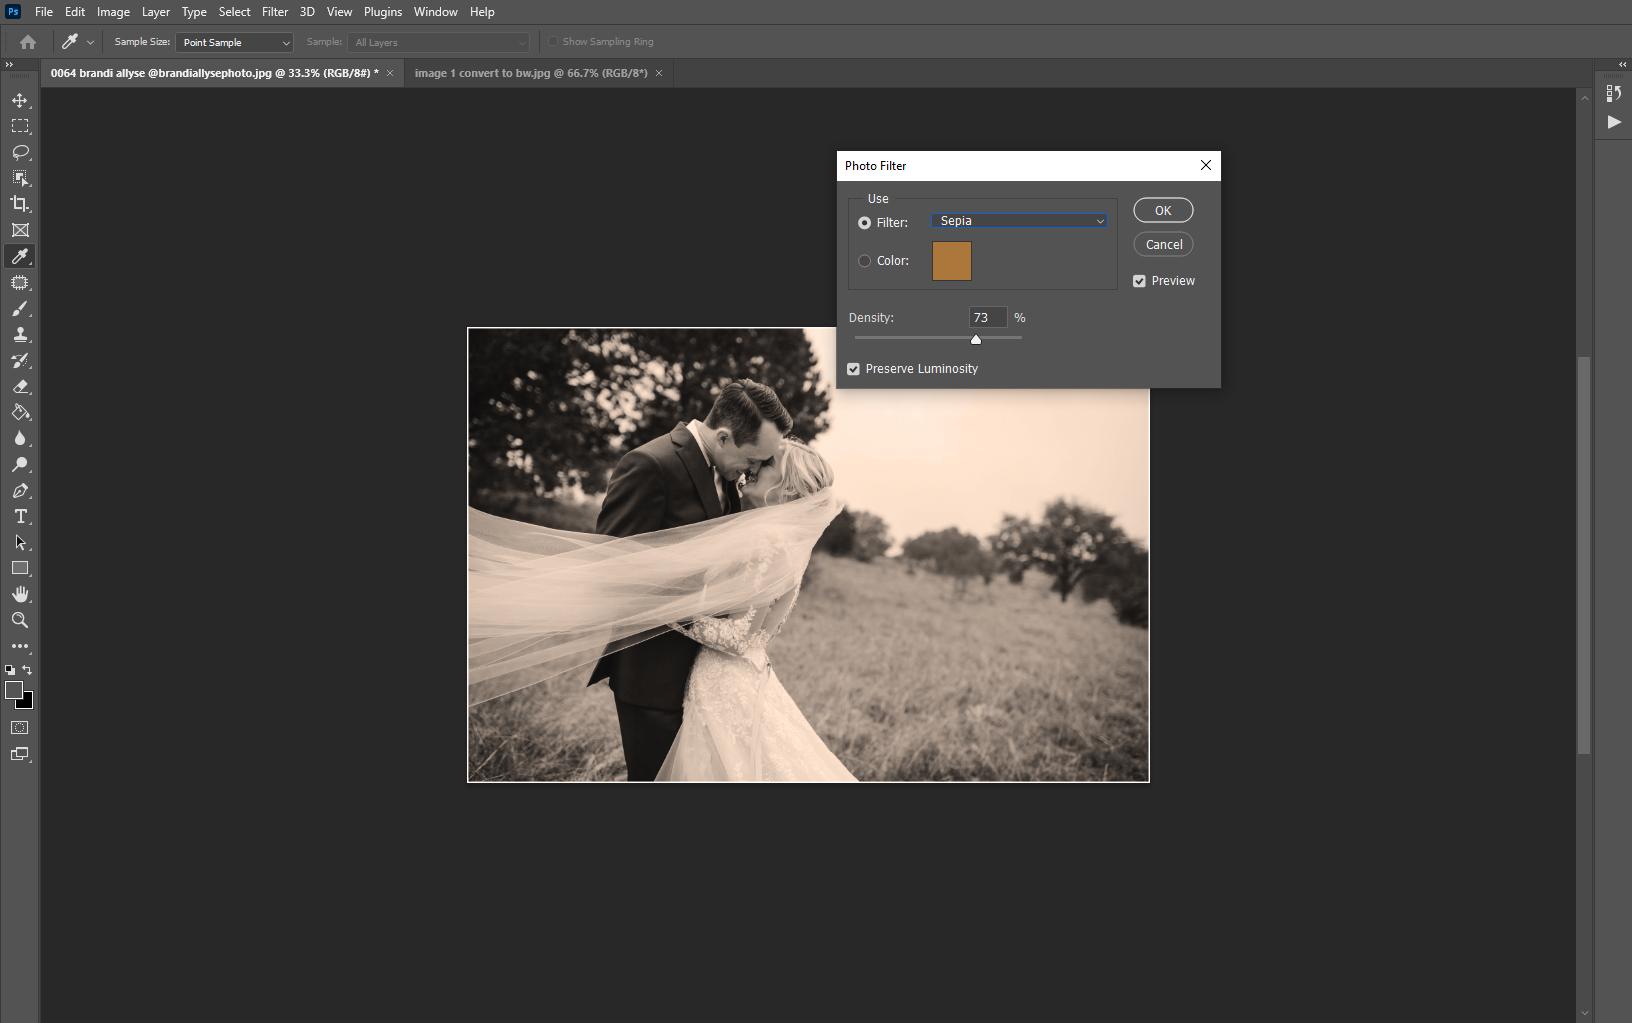 Applying sepia filter